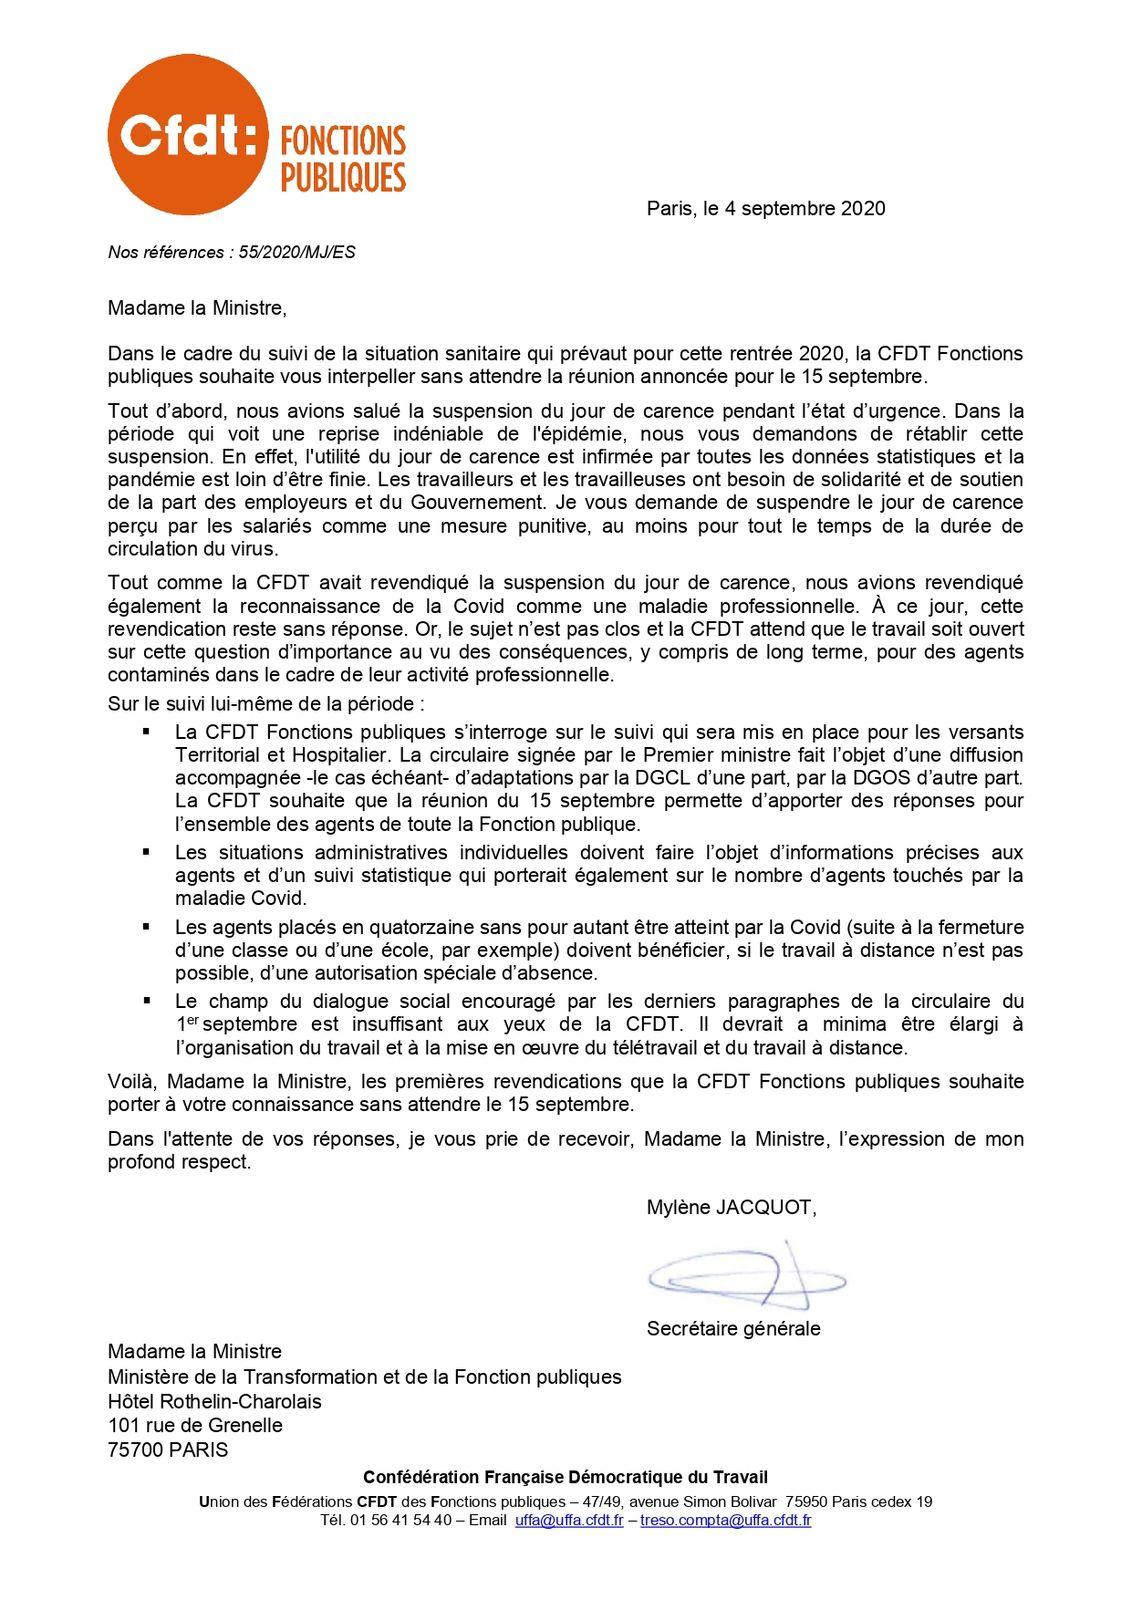 La CFDT demande la reconnaissance de la Covid comme maladie professionnelle, la suspension du jour de carence ainsi que le rétablissement des Autorisation Spéciales d'Abscence